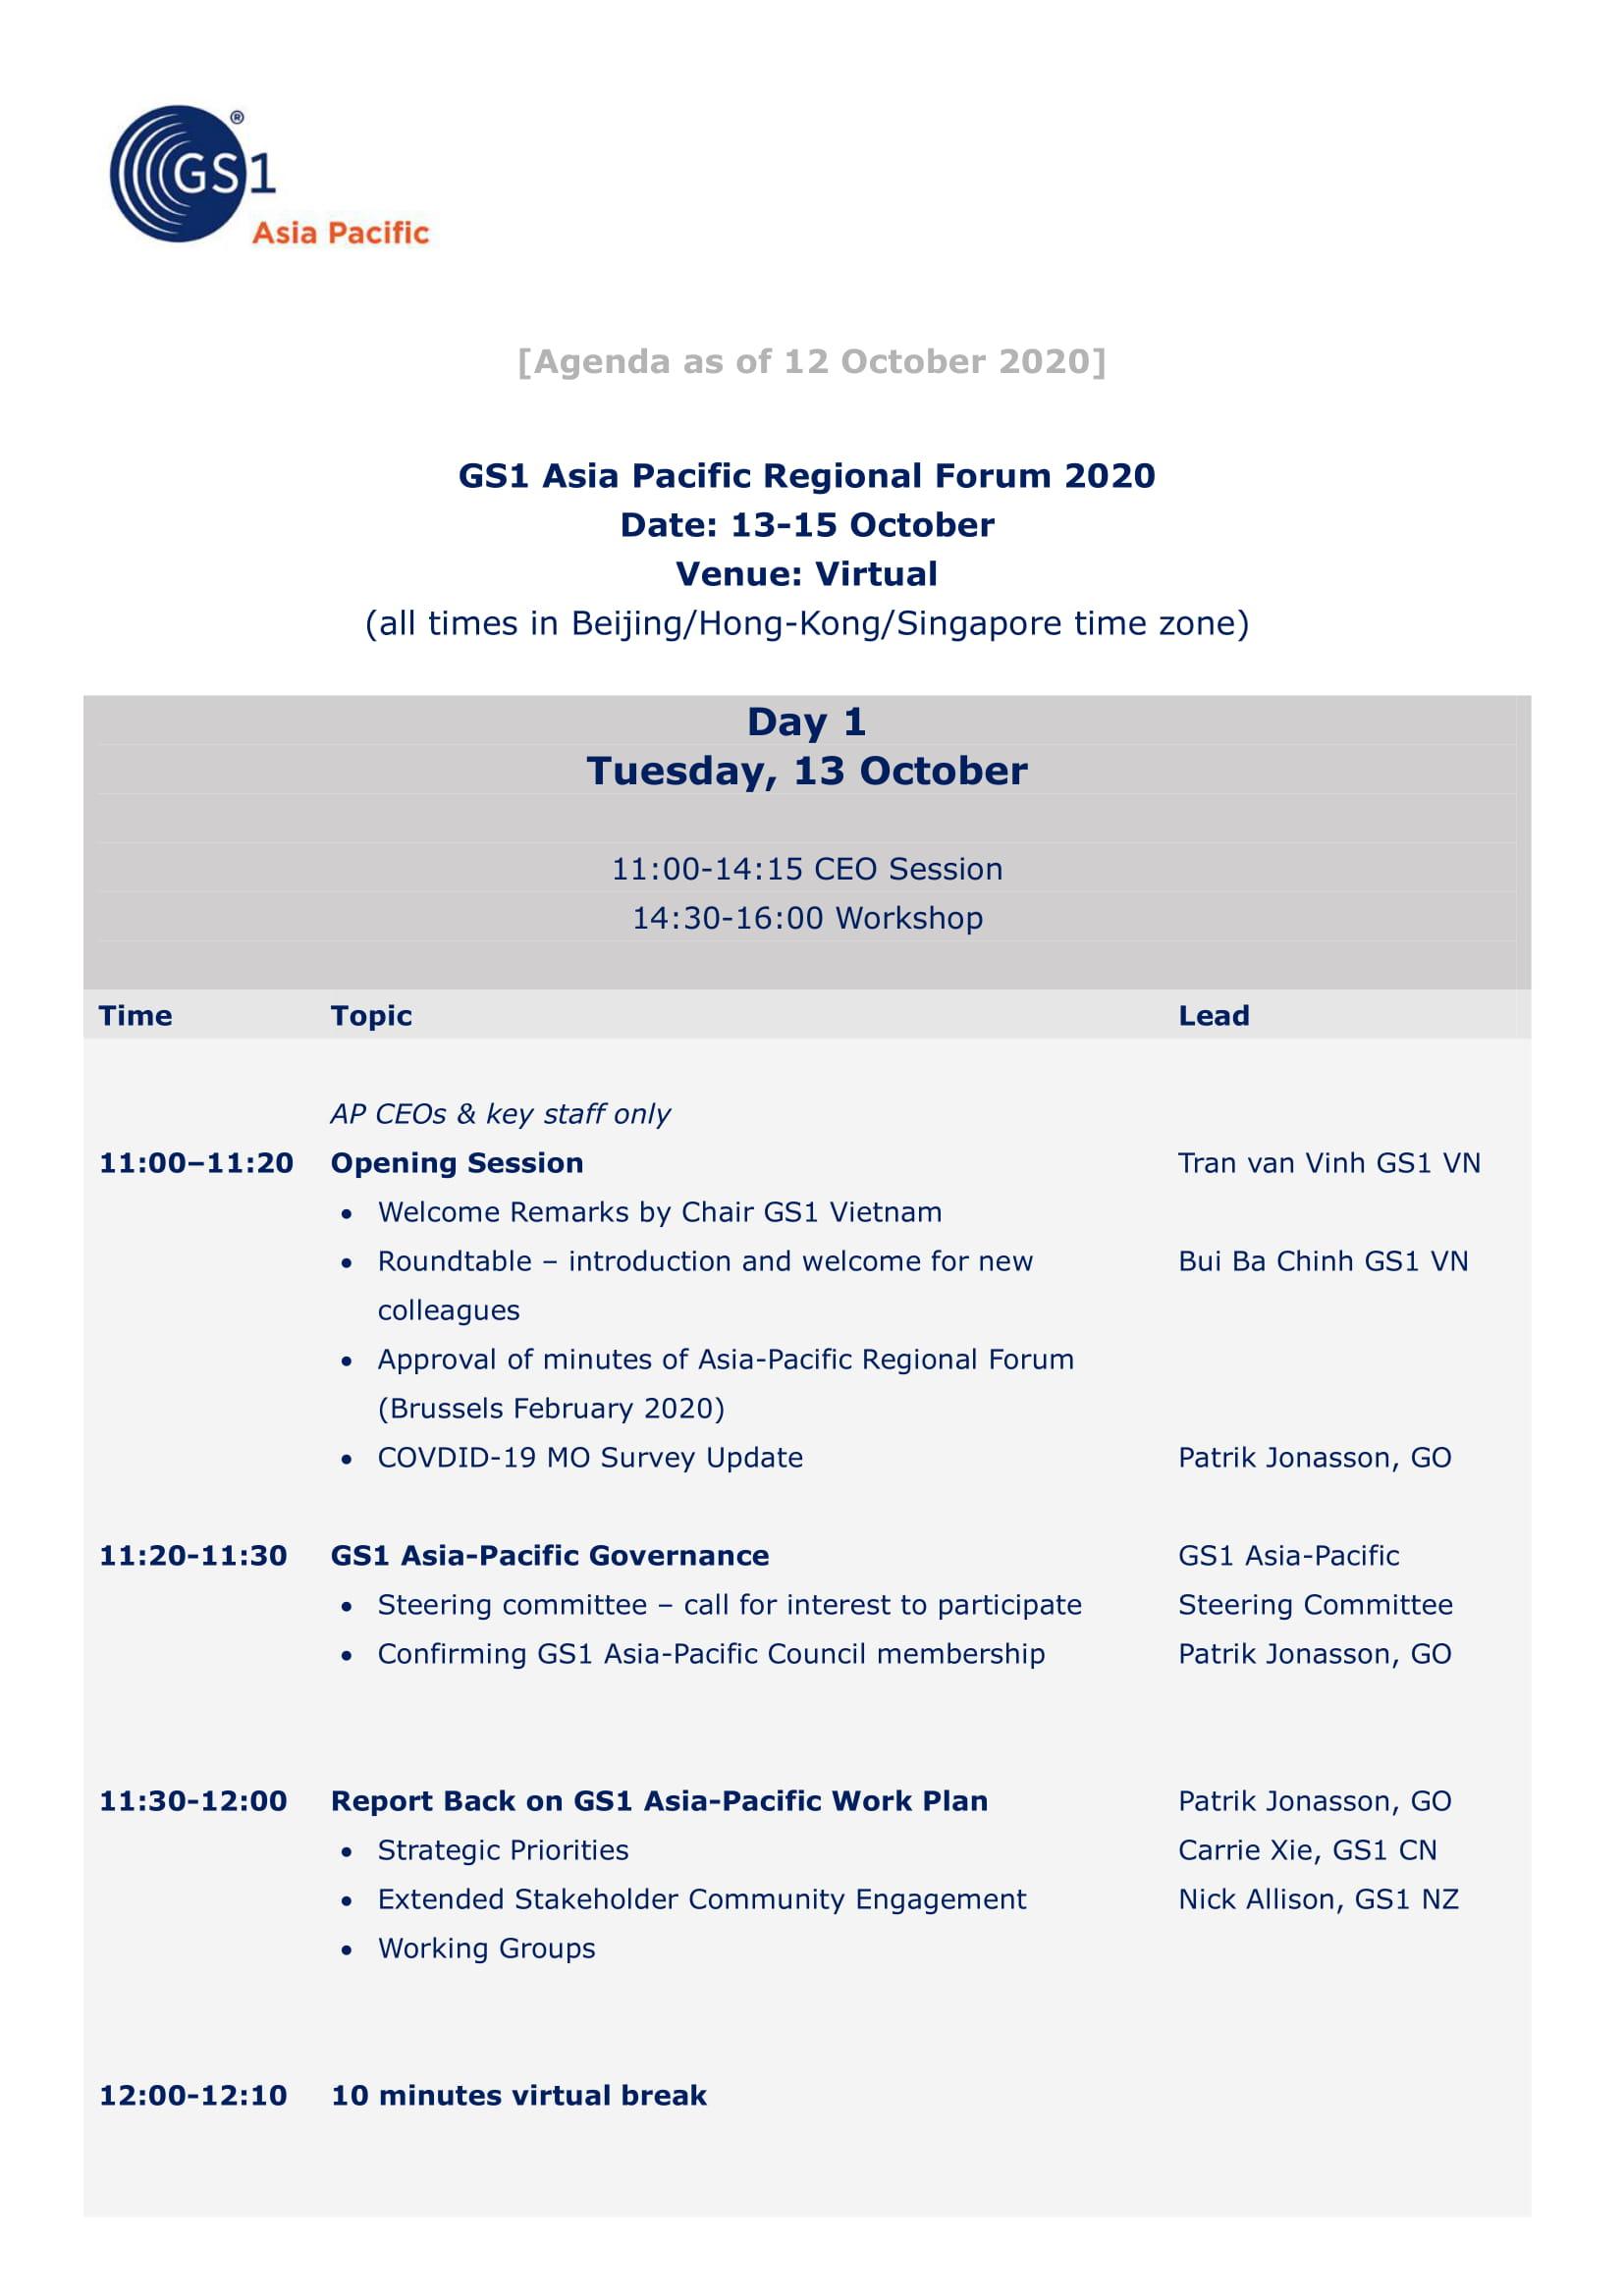 AGENDA GS1 Asia-Pacific Regional Forum 2020F-1